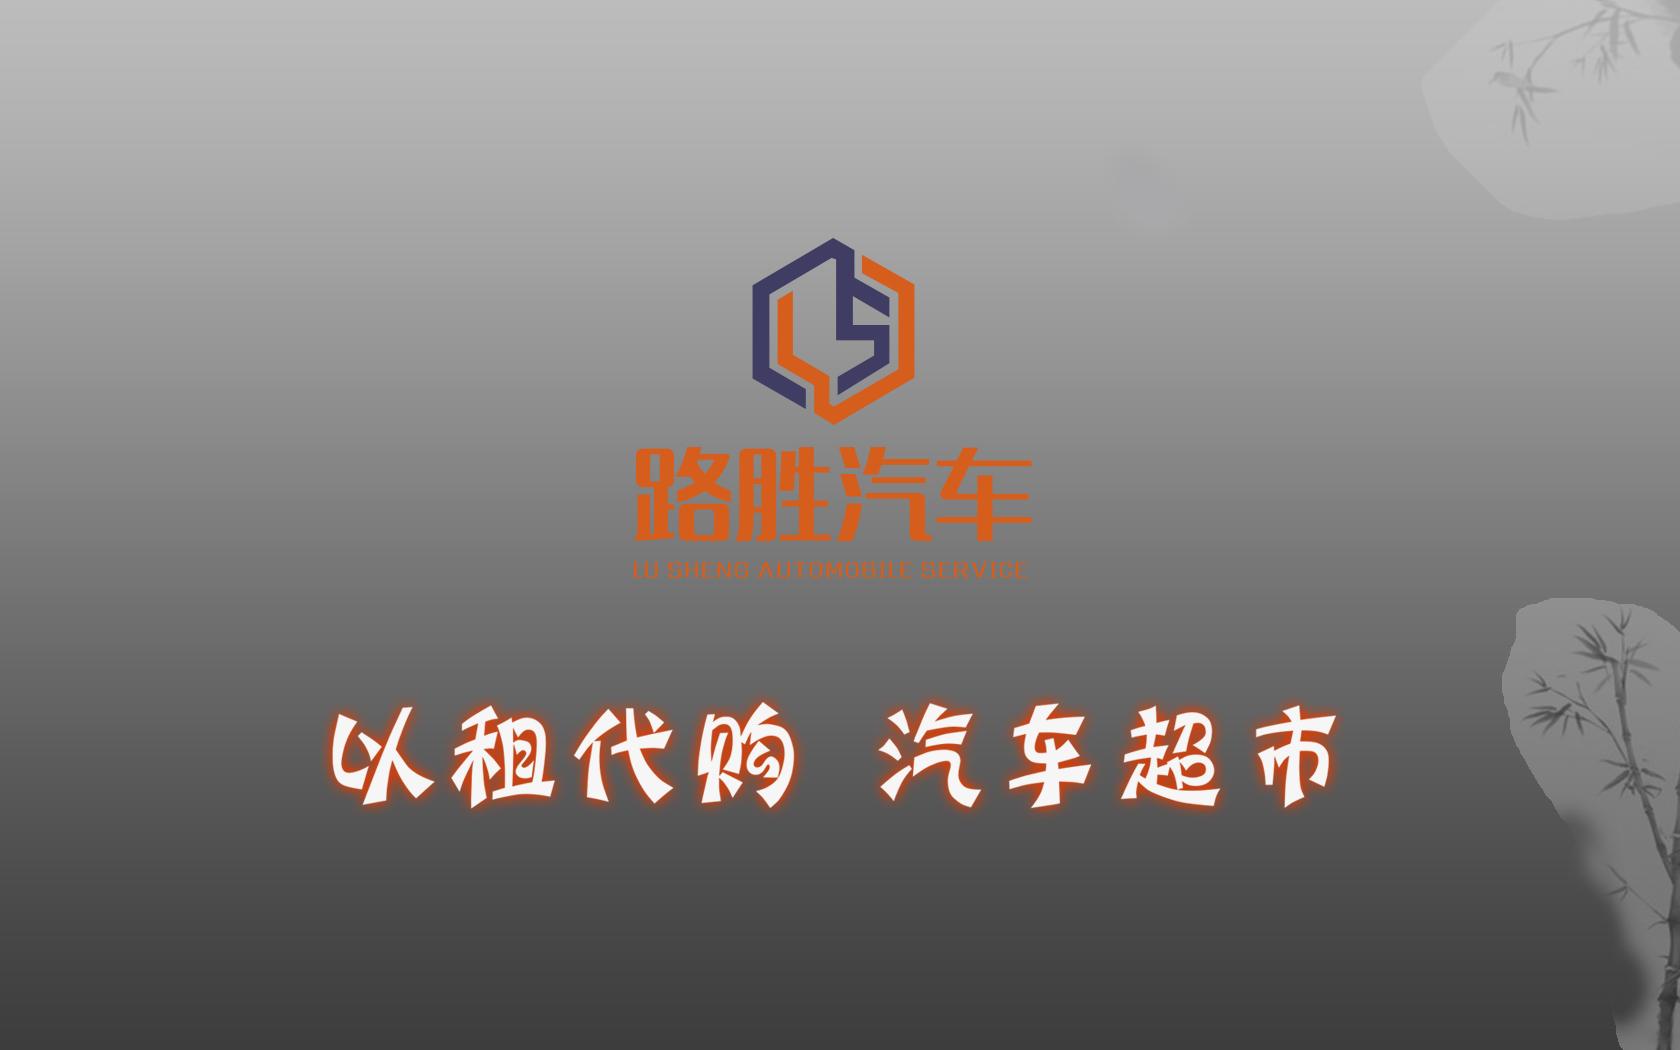 哈尔滨路胜汽车租赁有限公司加盟